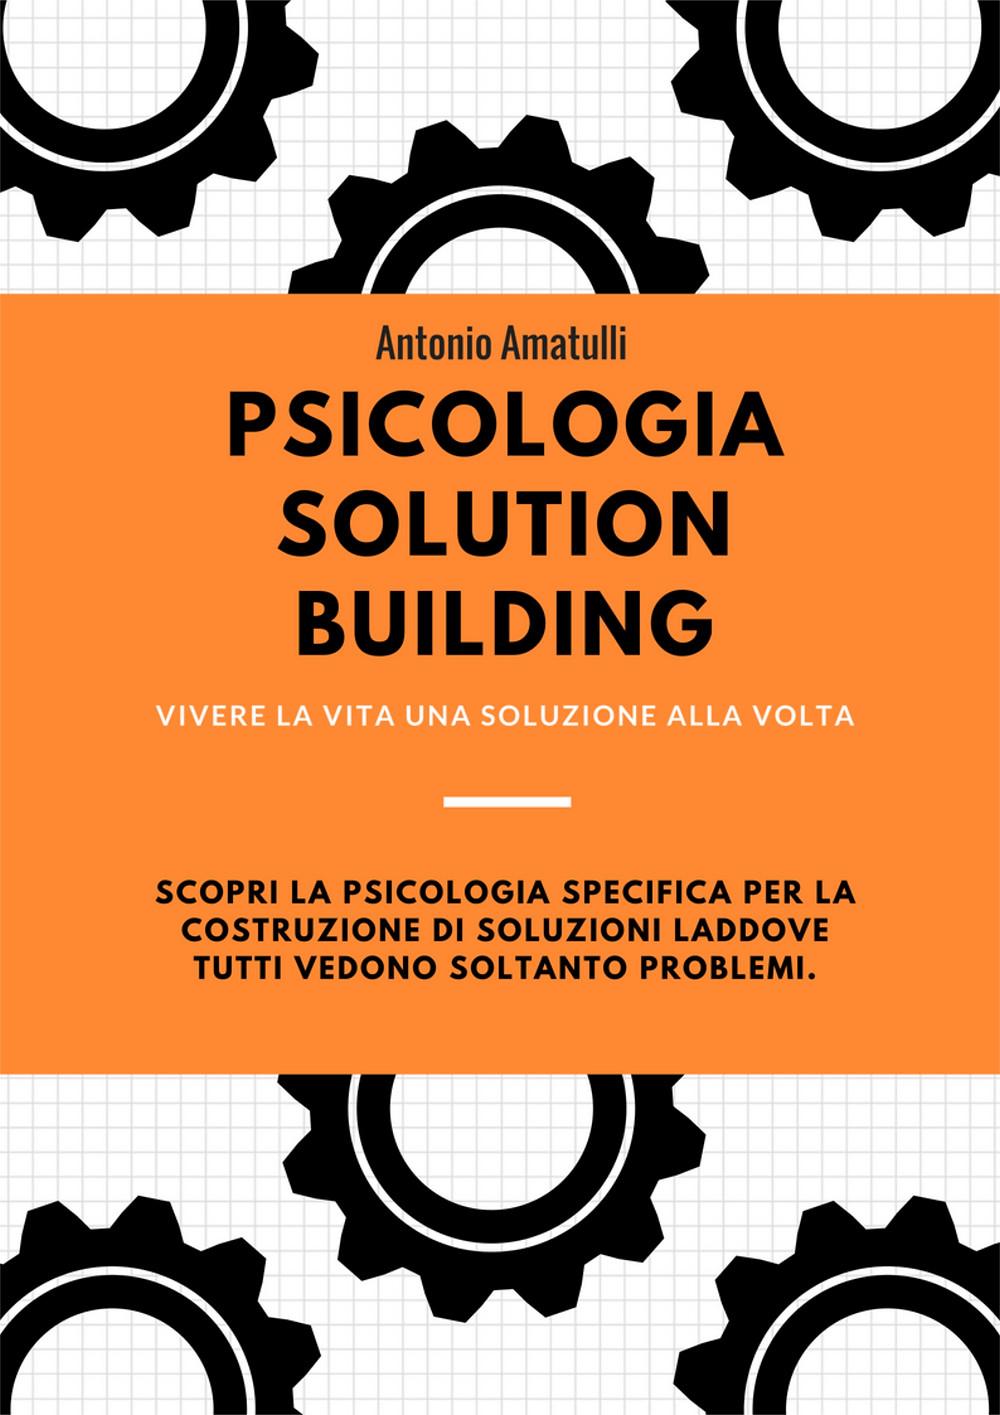 psicologia da leggere